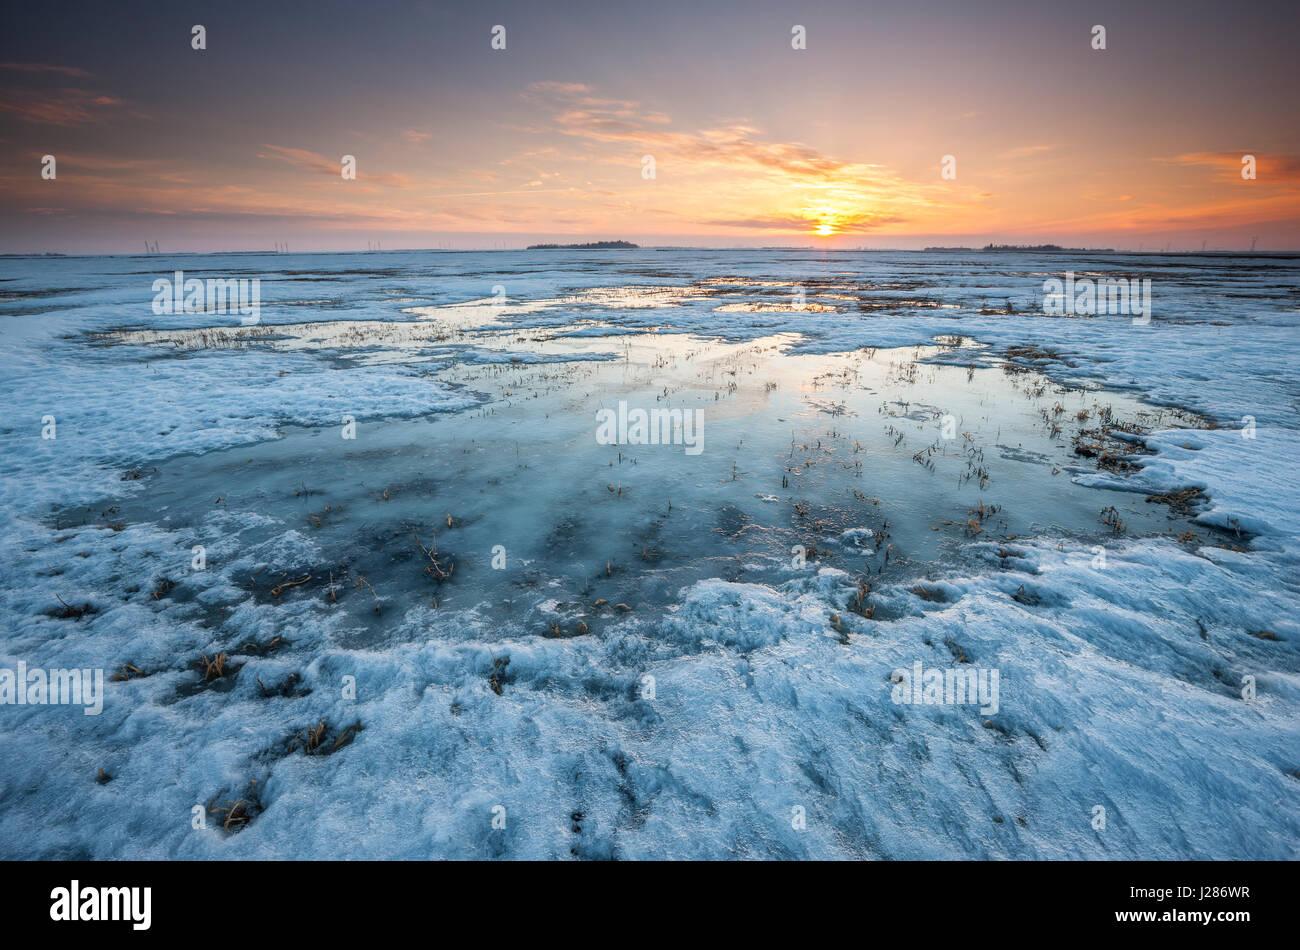 Sonnenuntergang auf eingefroren und Schnee bedeckte Felder in Manitoba, Kanada Stockbild